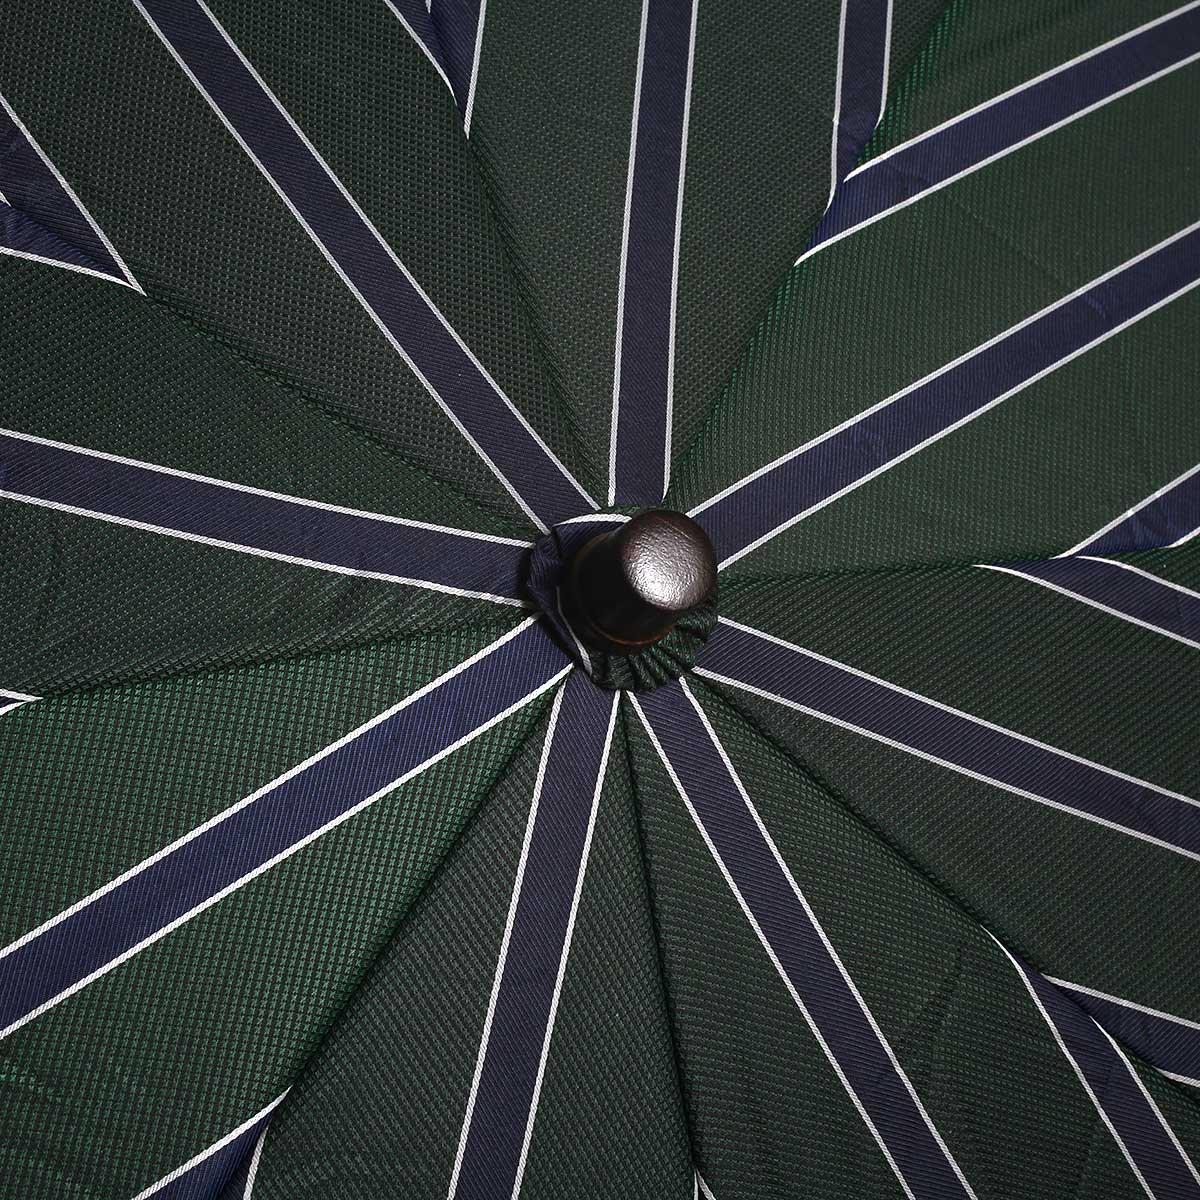 トラッドストライプ 折りたたみ傘 詳細画像7